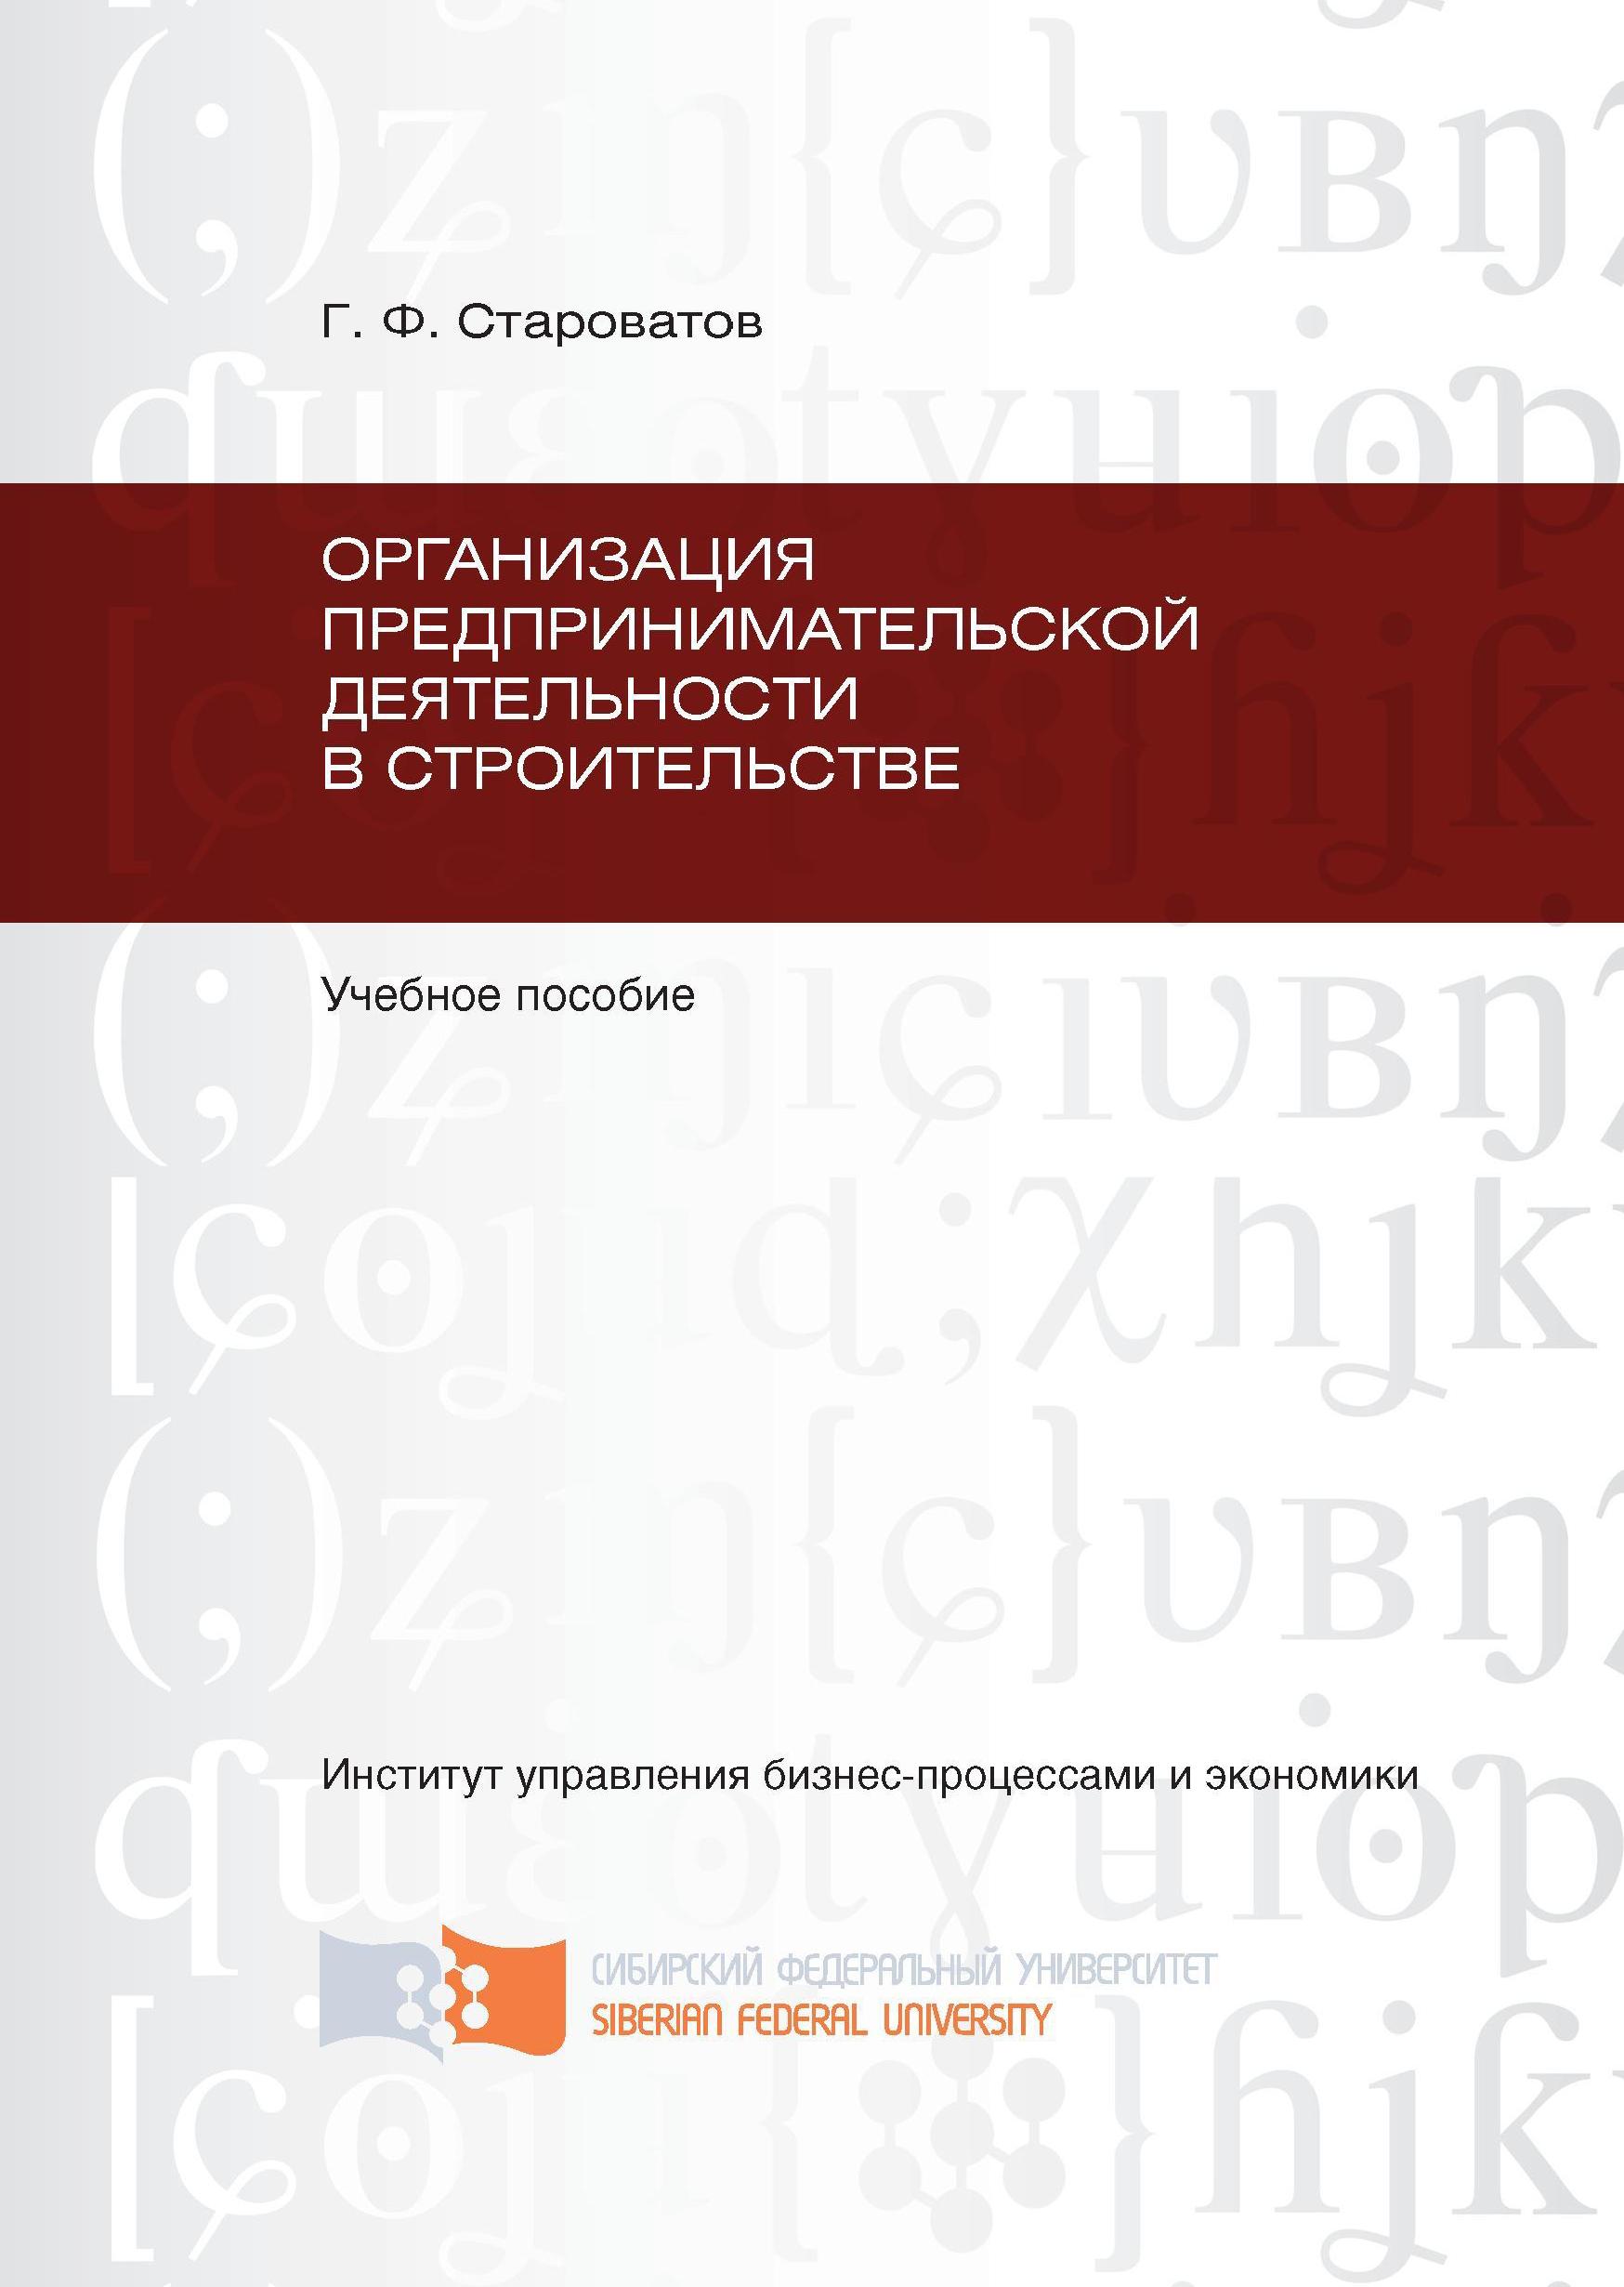 Геннадий Староватов Организация предпринимательской деятельности в строительстве